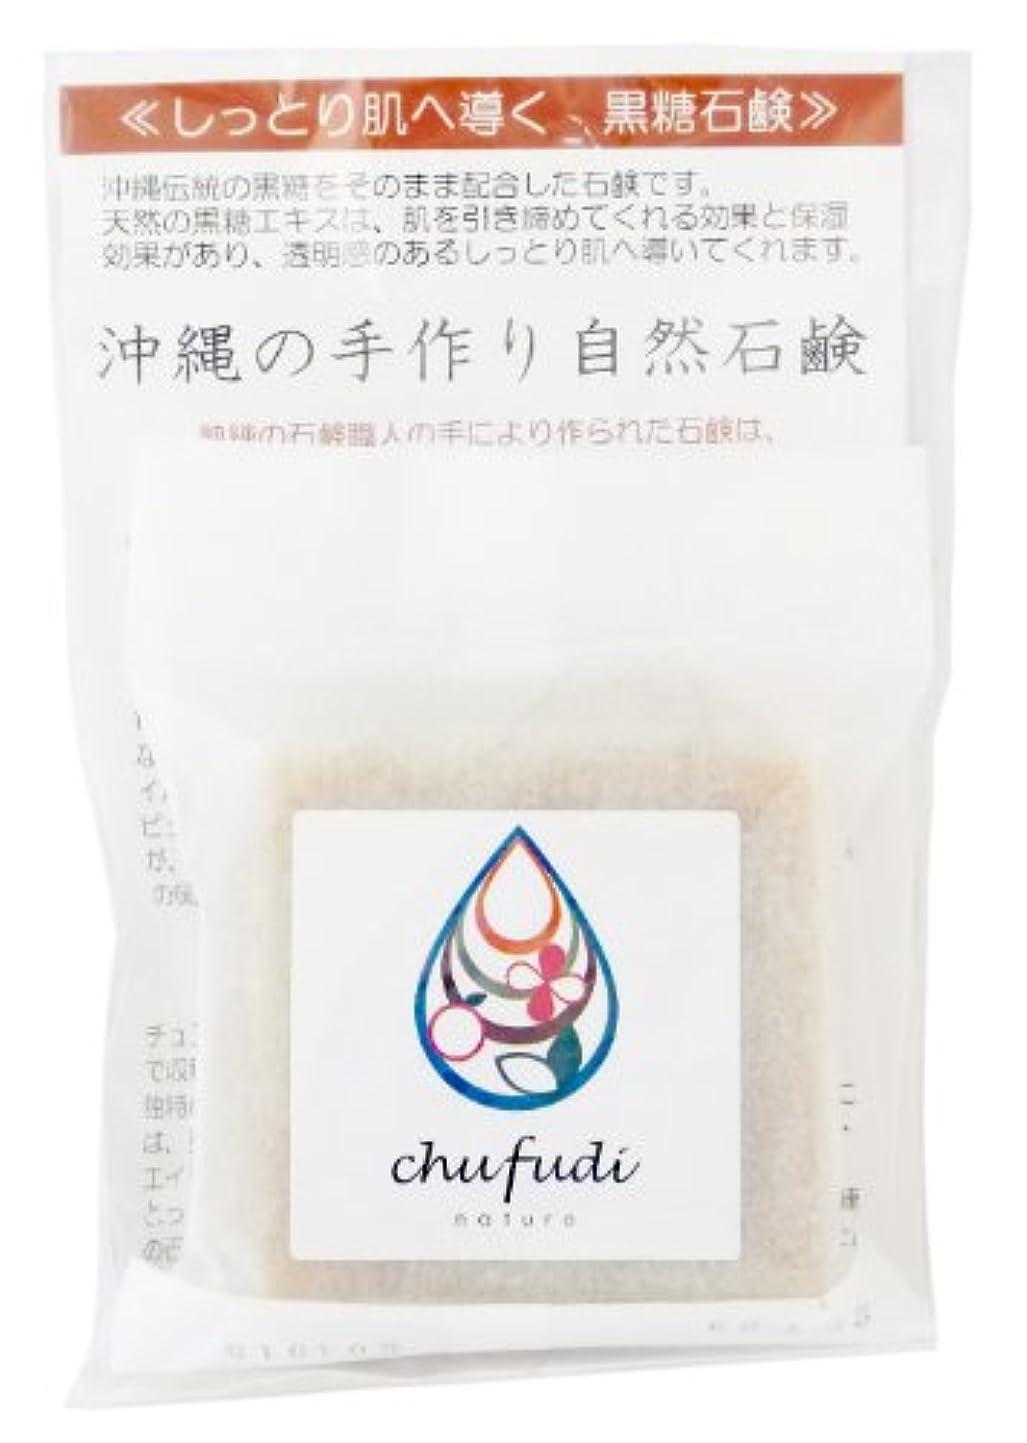 九月カイウス非常にチュフディ ナチュール しっとり肌へ導く 沖縄原産 黒糖石鹸